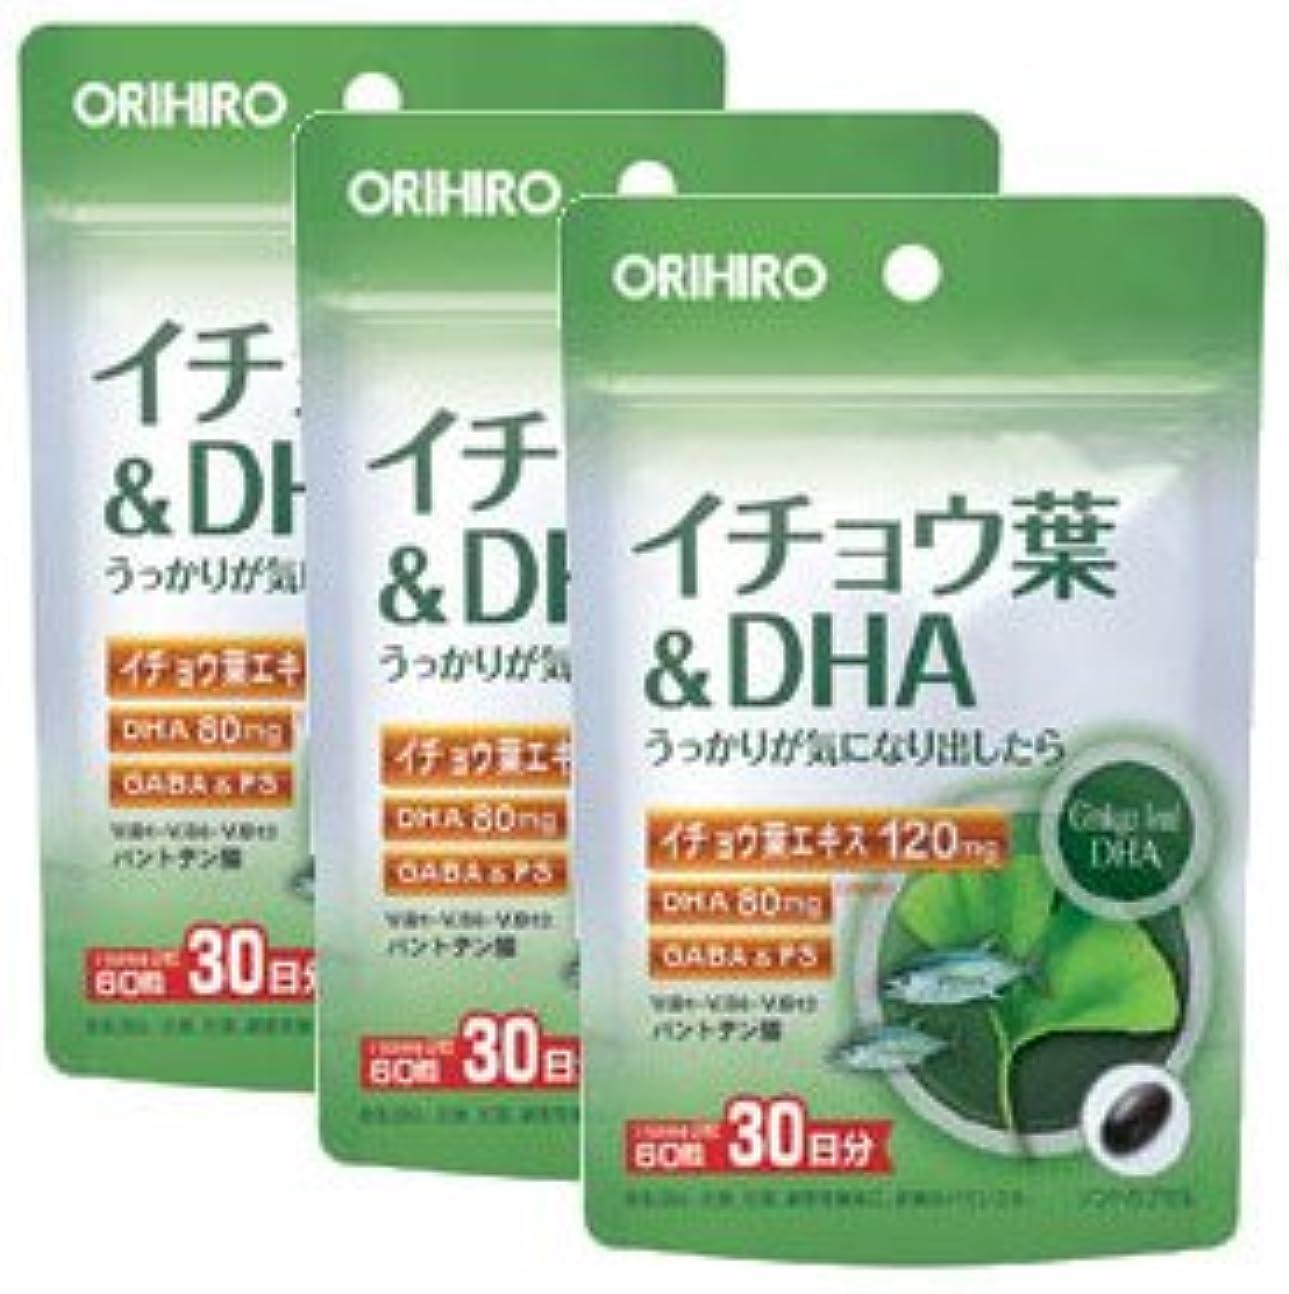 支払う英語の授業があります長いですイチョウ葉&DHA PD【3袋セット】オリヒロ